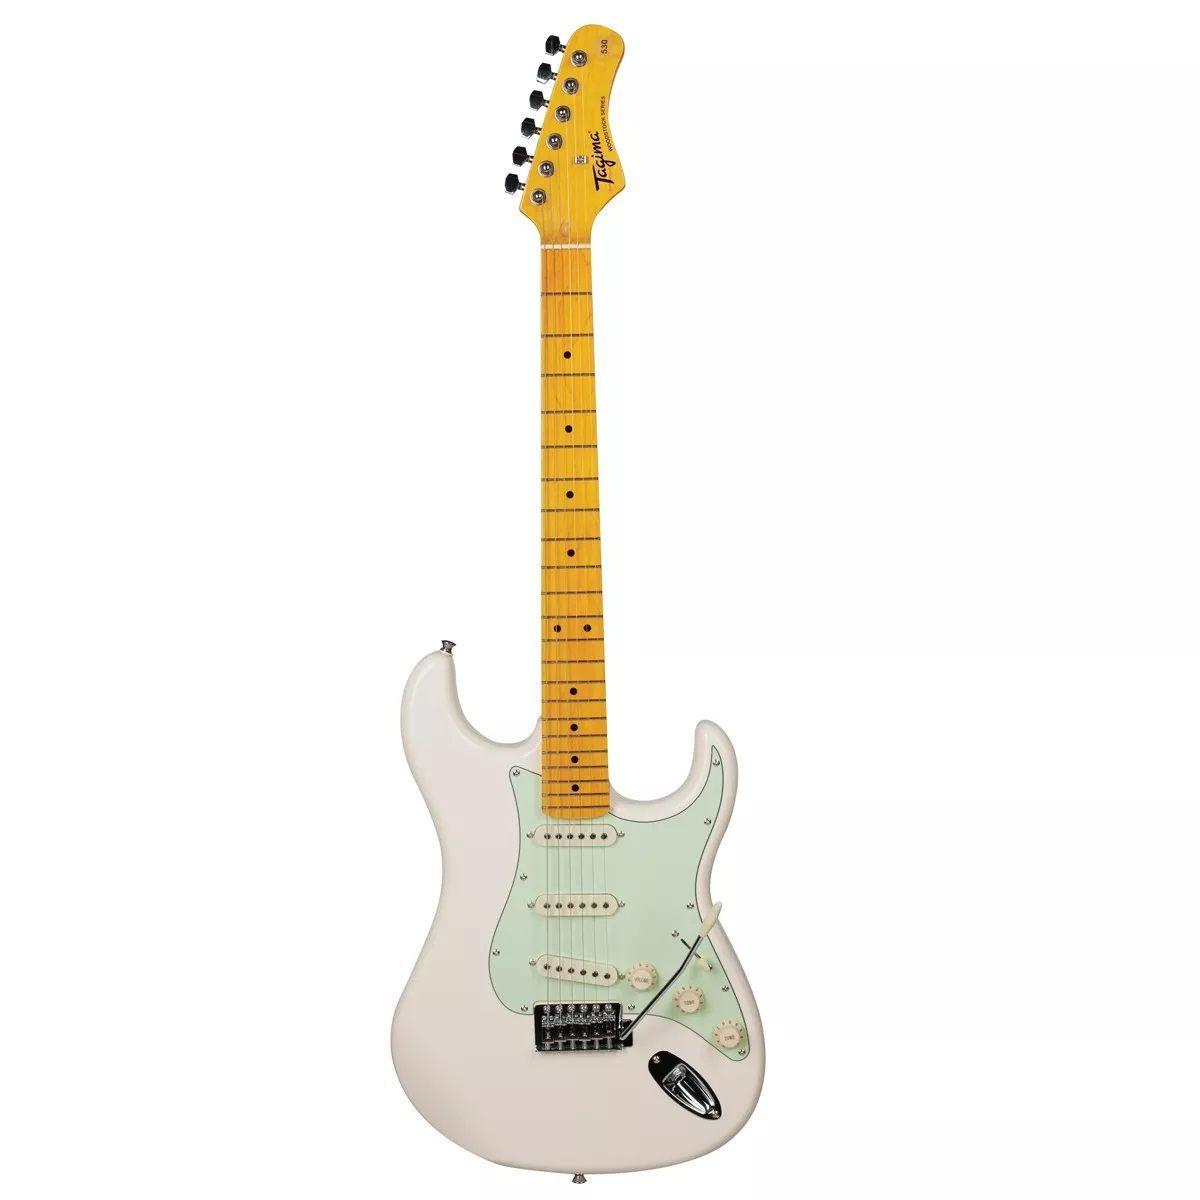 Guitarra Tagima Tg530 Wv Woodstock